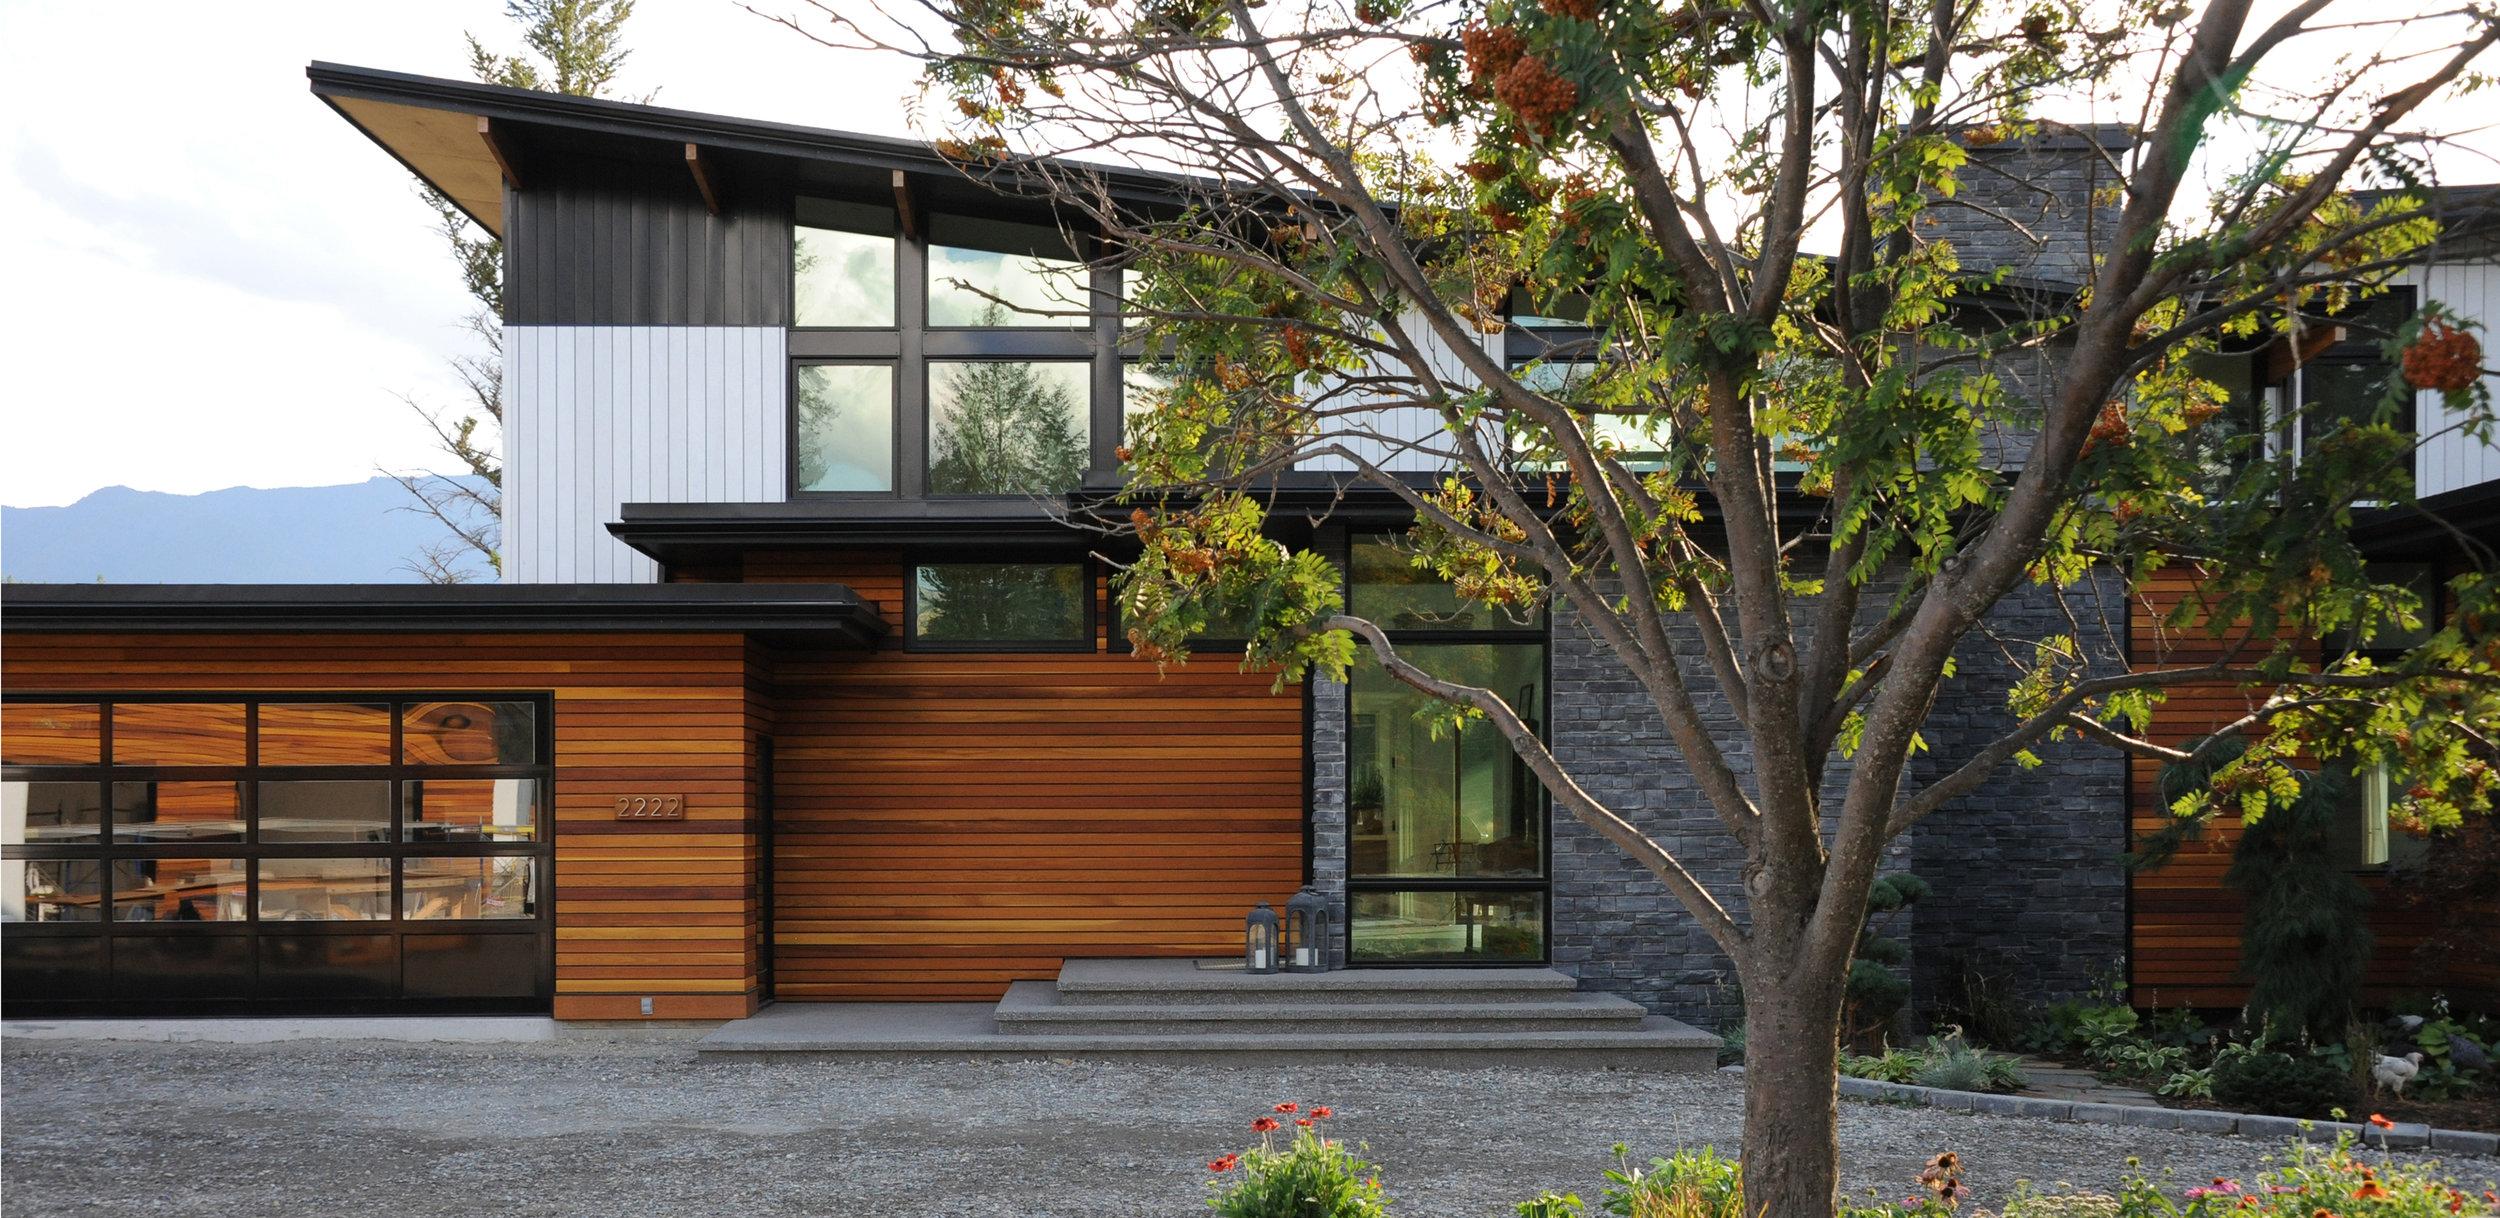 turkel_modern_design_prefab_home_windermere_britishcolumbia_facade.jpg